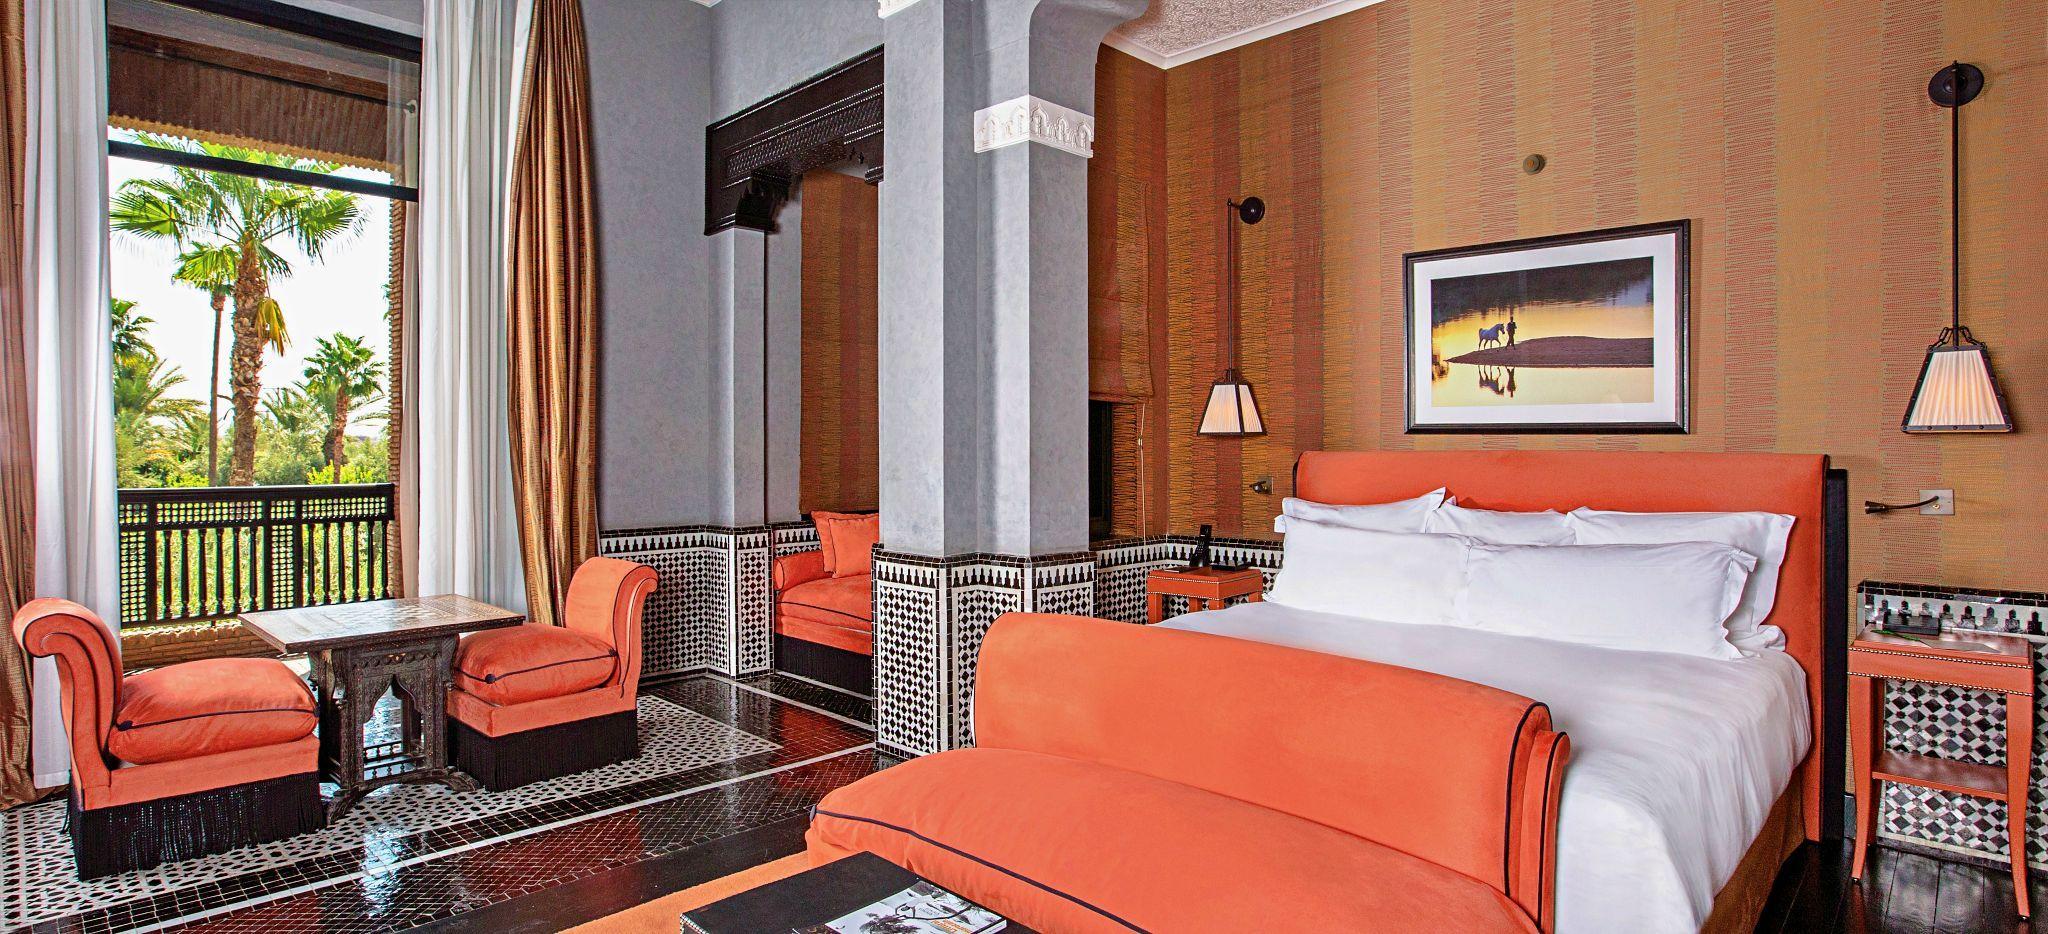 Hotelzimmer im Hotel Selman, Marokko